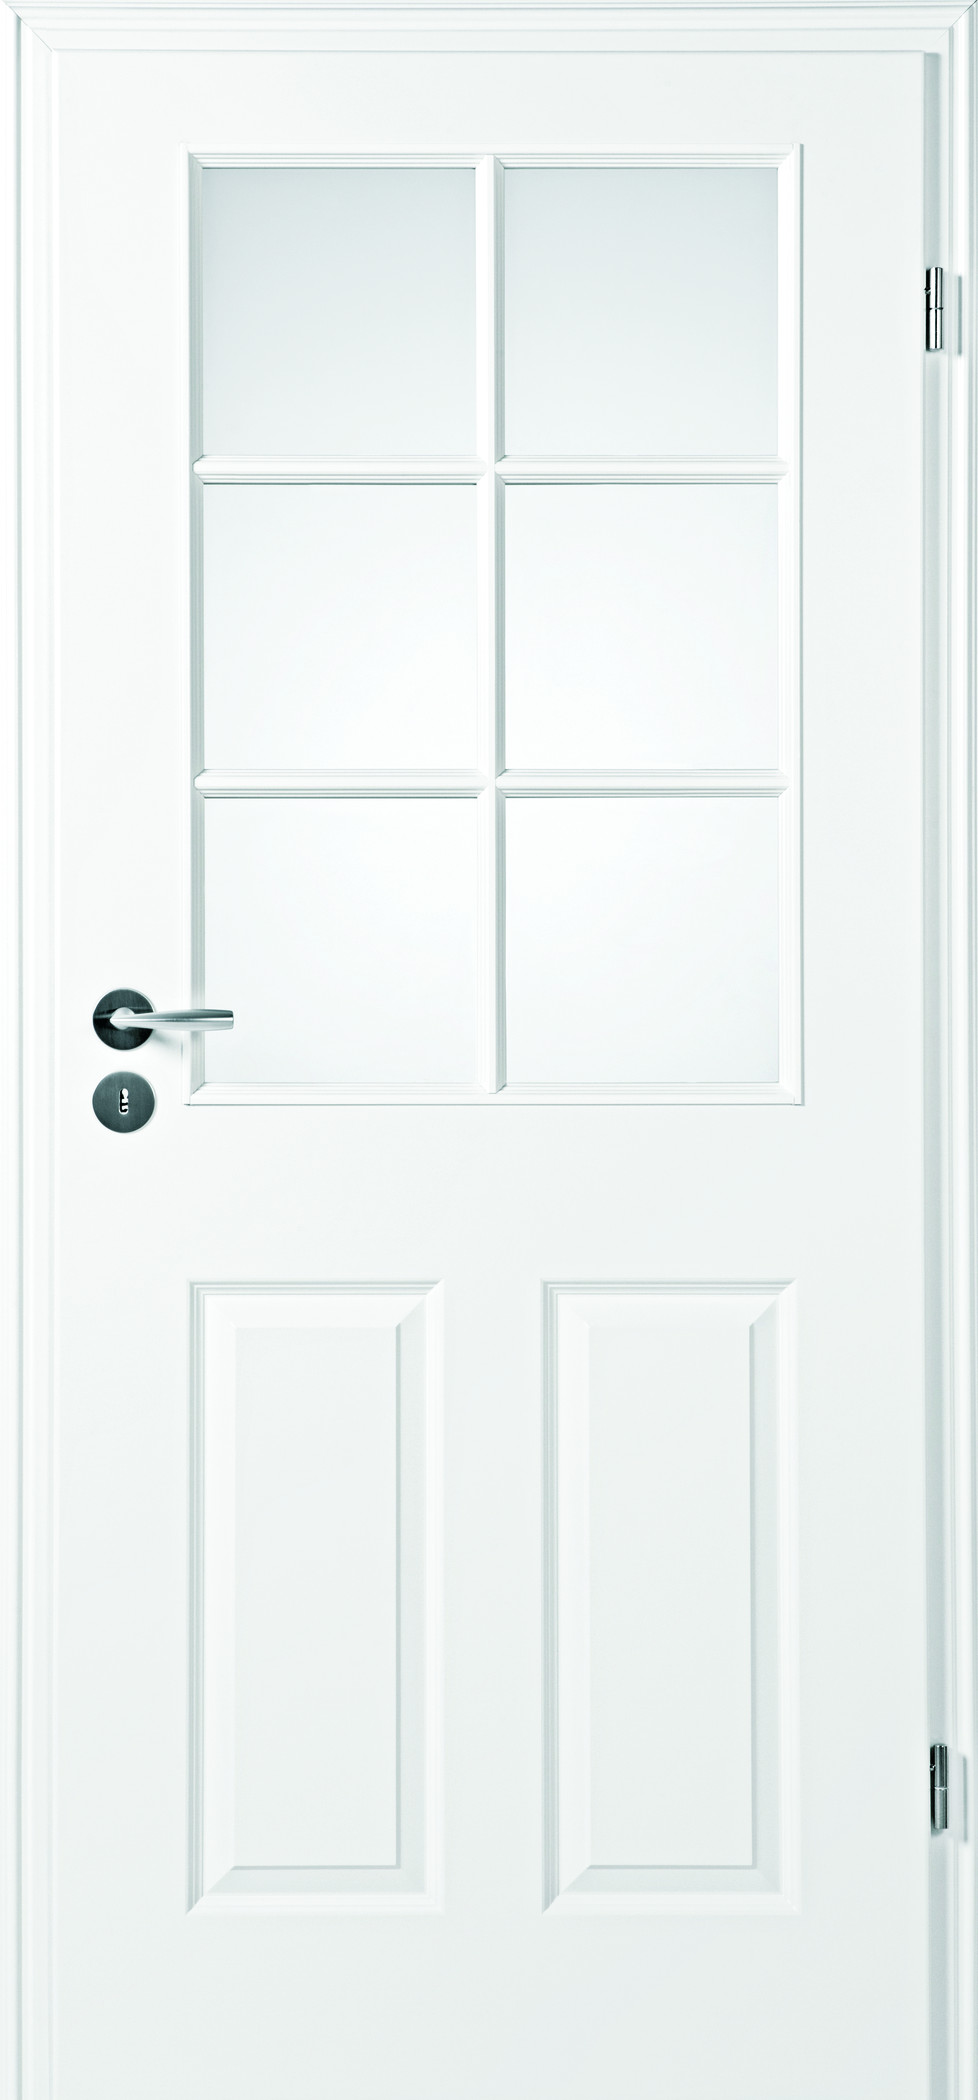 tren mit zarge elegant perfect zimmertren gnstig tren und zargen gnstig kaufen groe auswahl. Black Bedroom Furniture Sets. Home Design Ideas